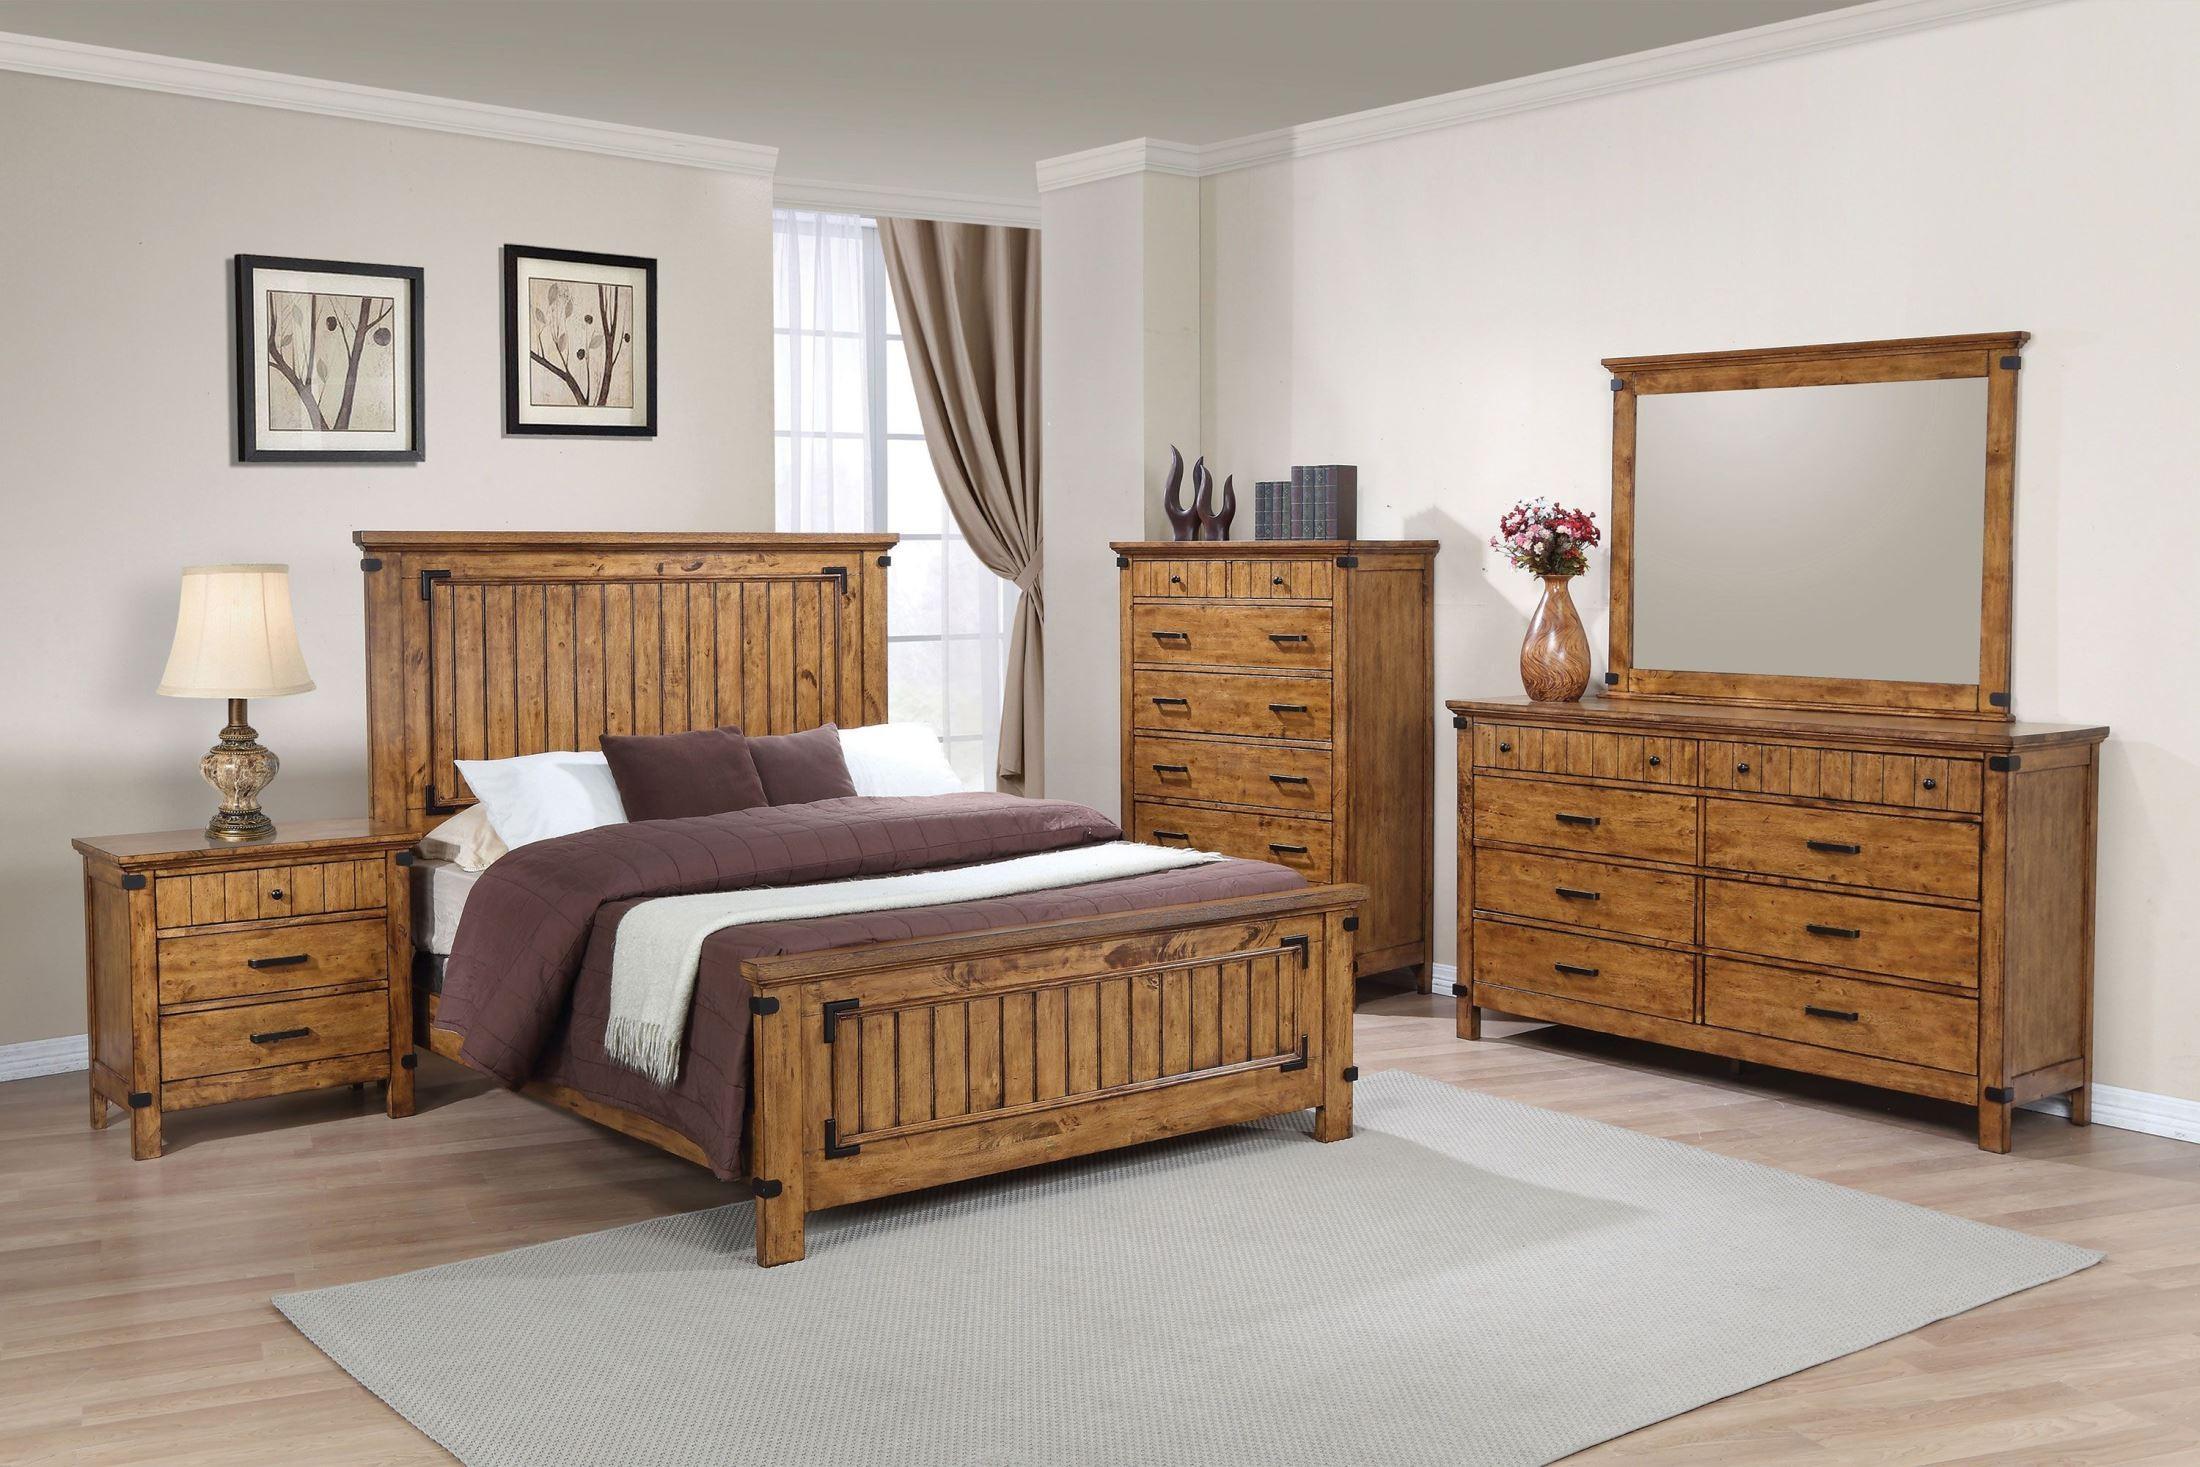 brenner rustic honey panel bedroom set from coaster coleman furniture. Black Bedroom Furniture Sets. Home Design Ideas